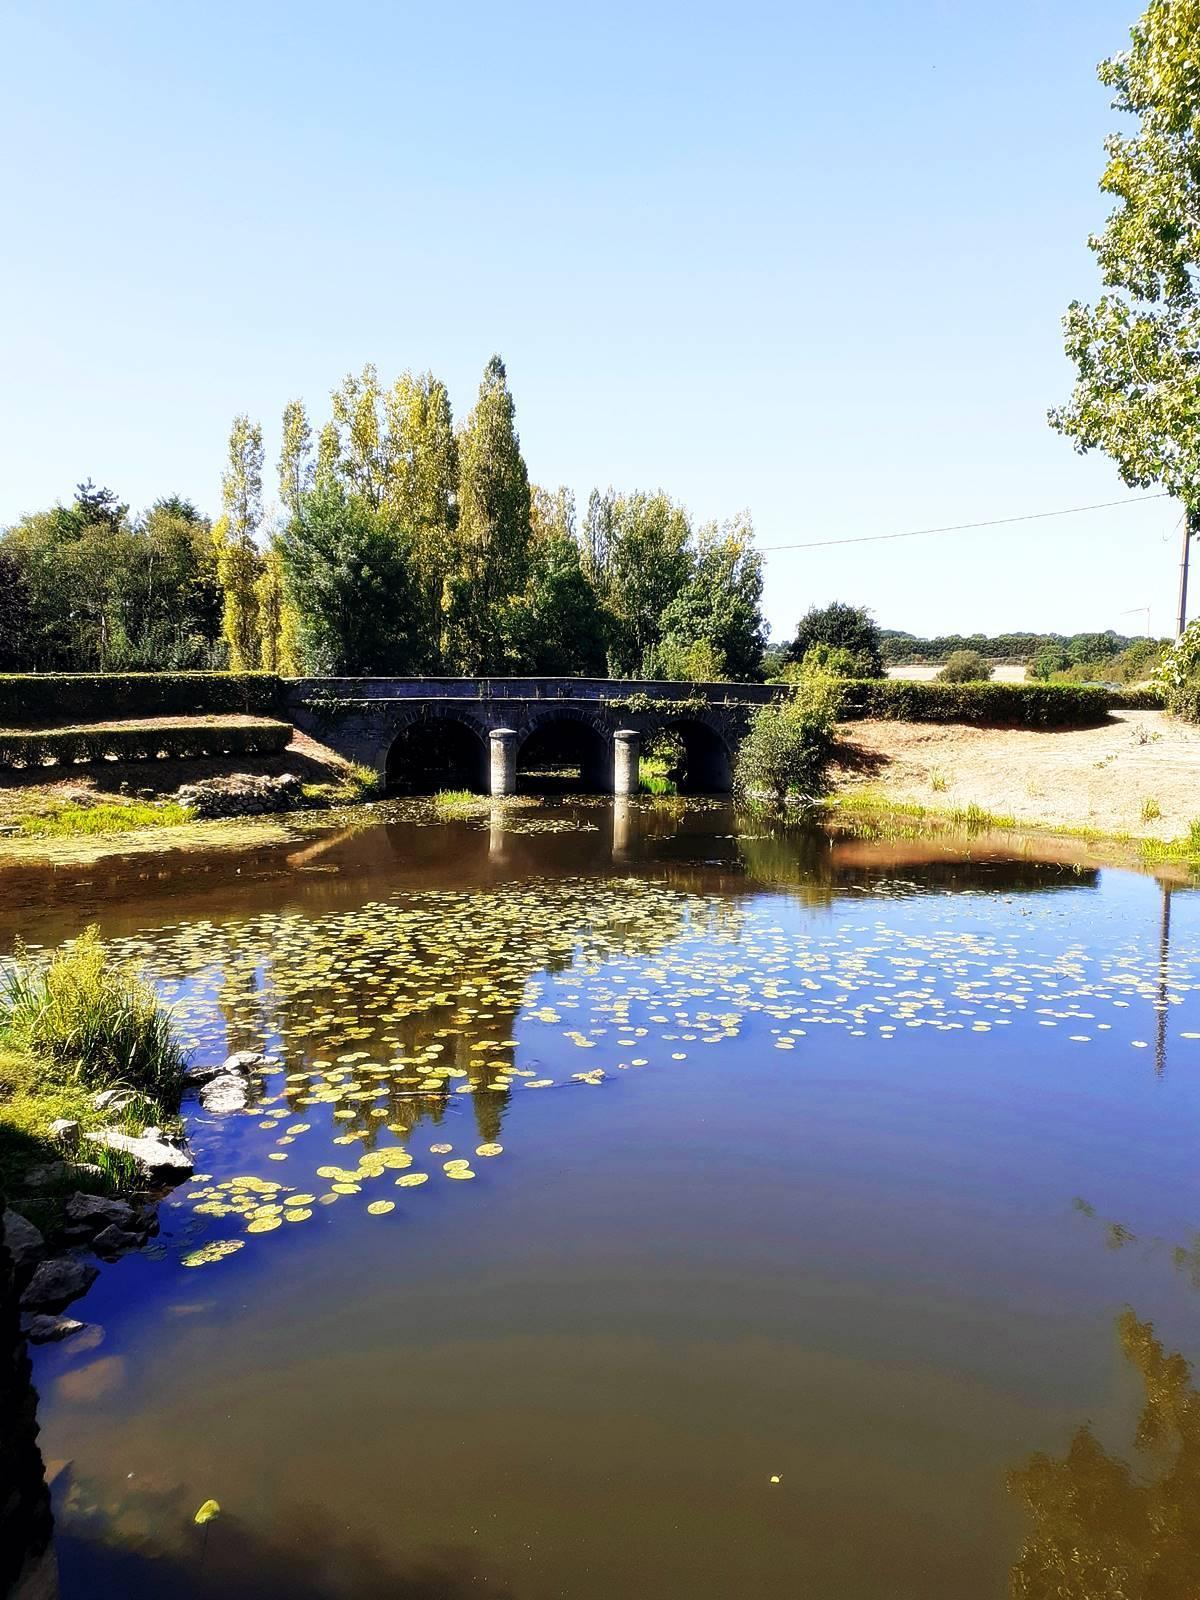 Visite moulin pont godelain20200806 193338